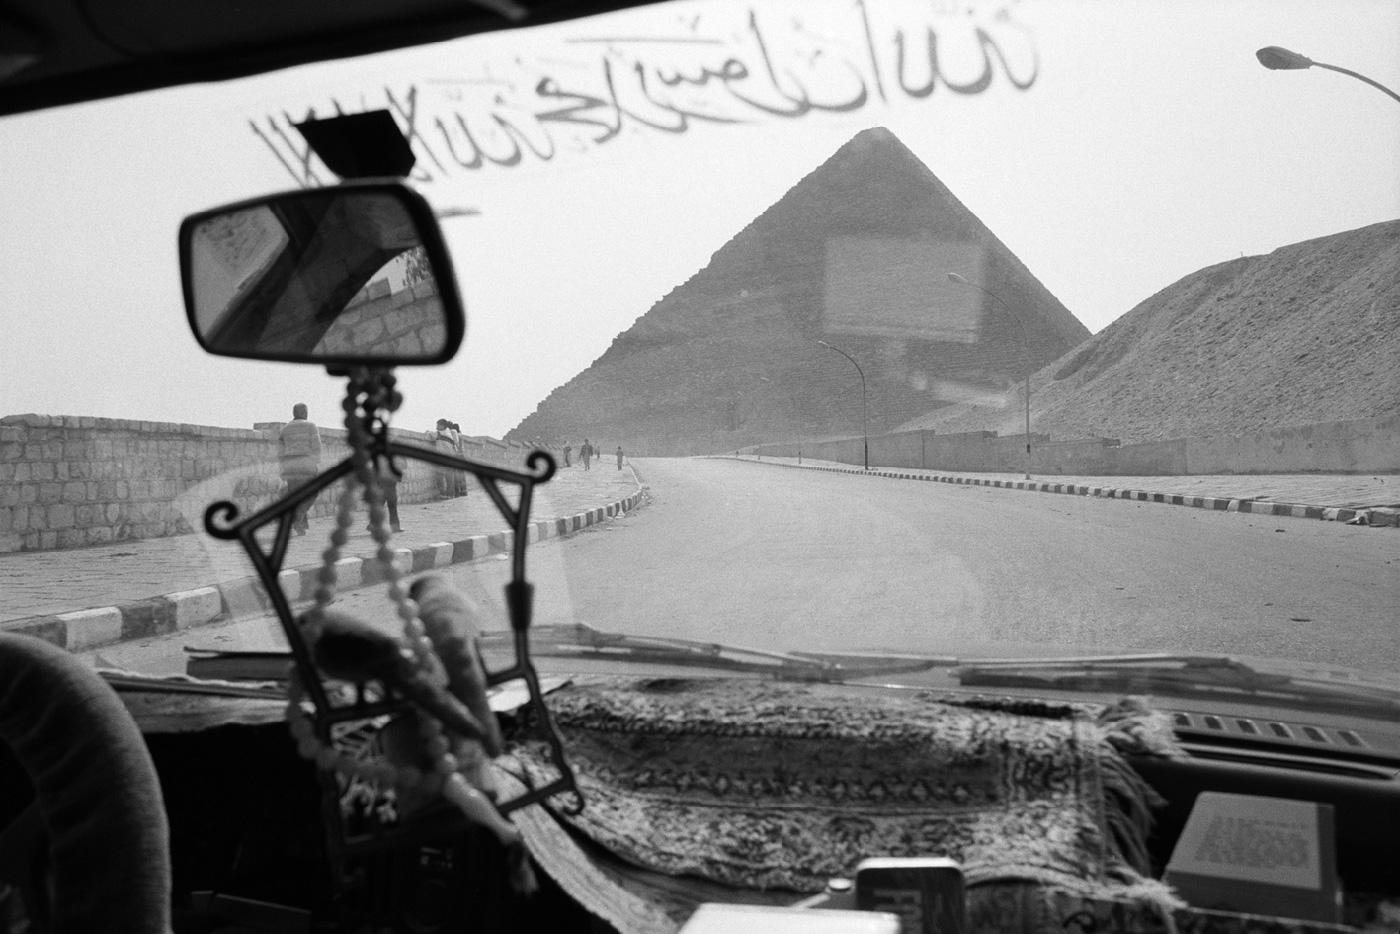 denis-roche 23 février 1985. Égypte, Pyramide de Khéops